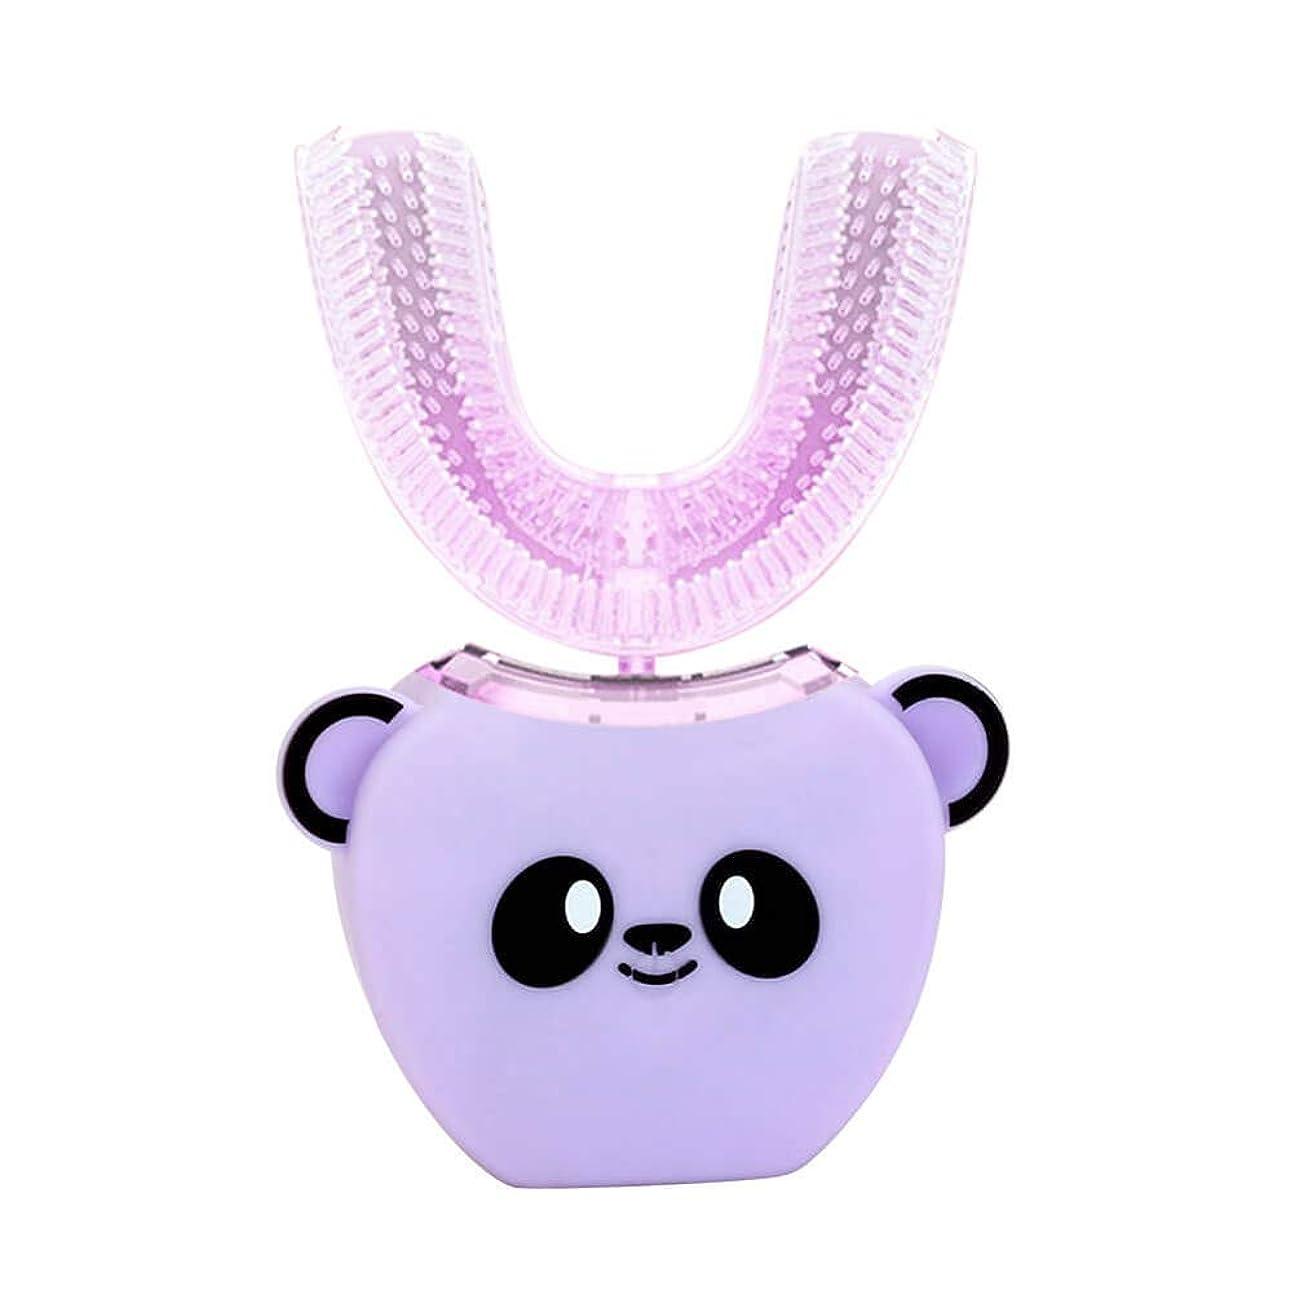 実験室損失アーク電動歯ブラシ 360°超音波ホワイトニング IPX7防水自動マウスクリーナー子供のための 紫の